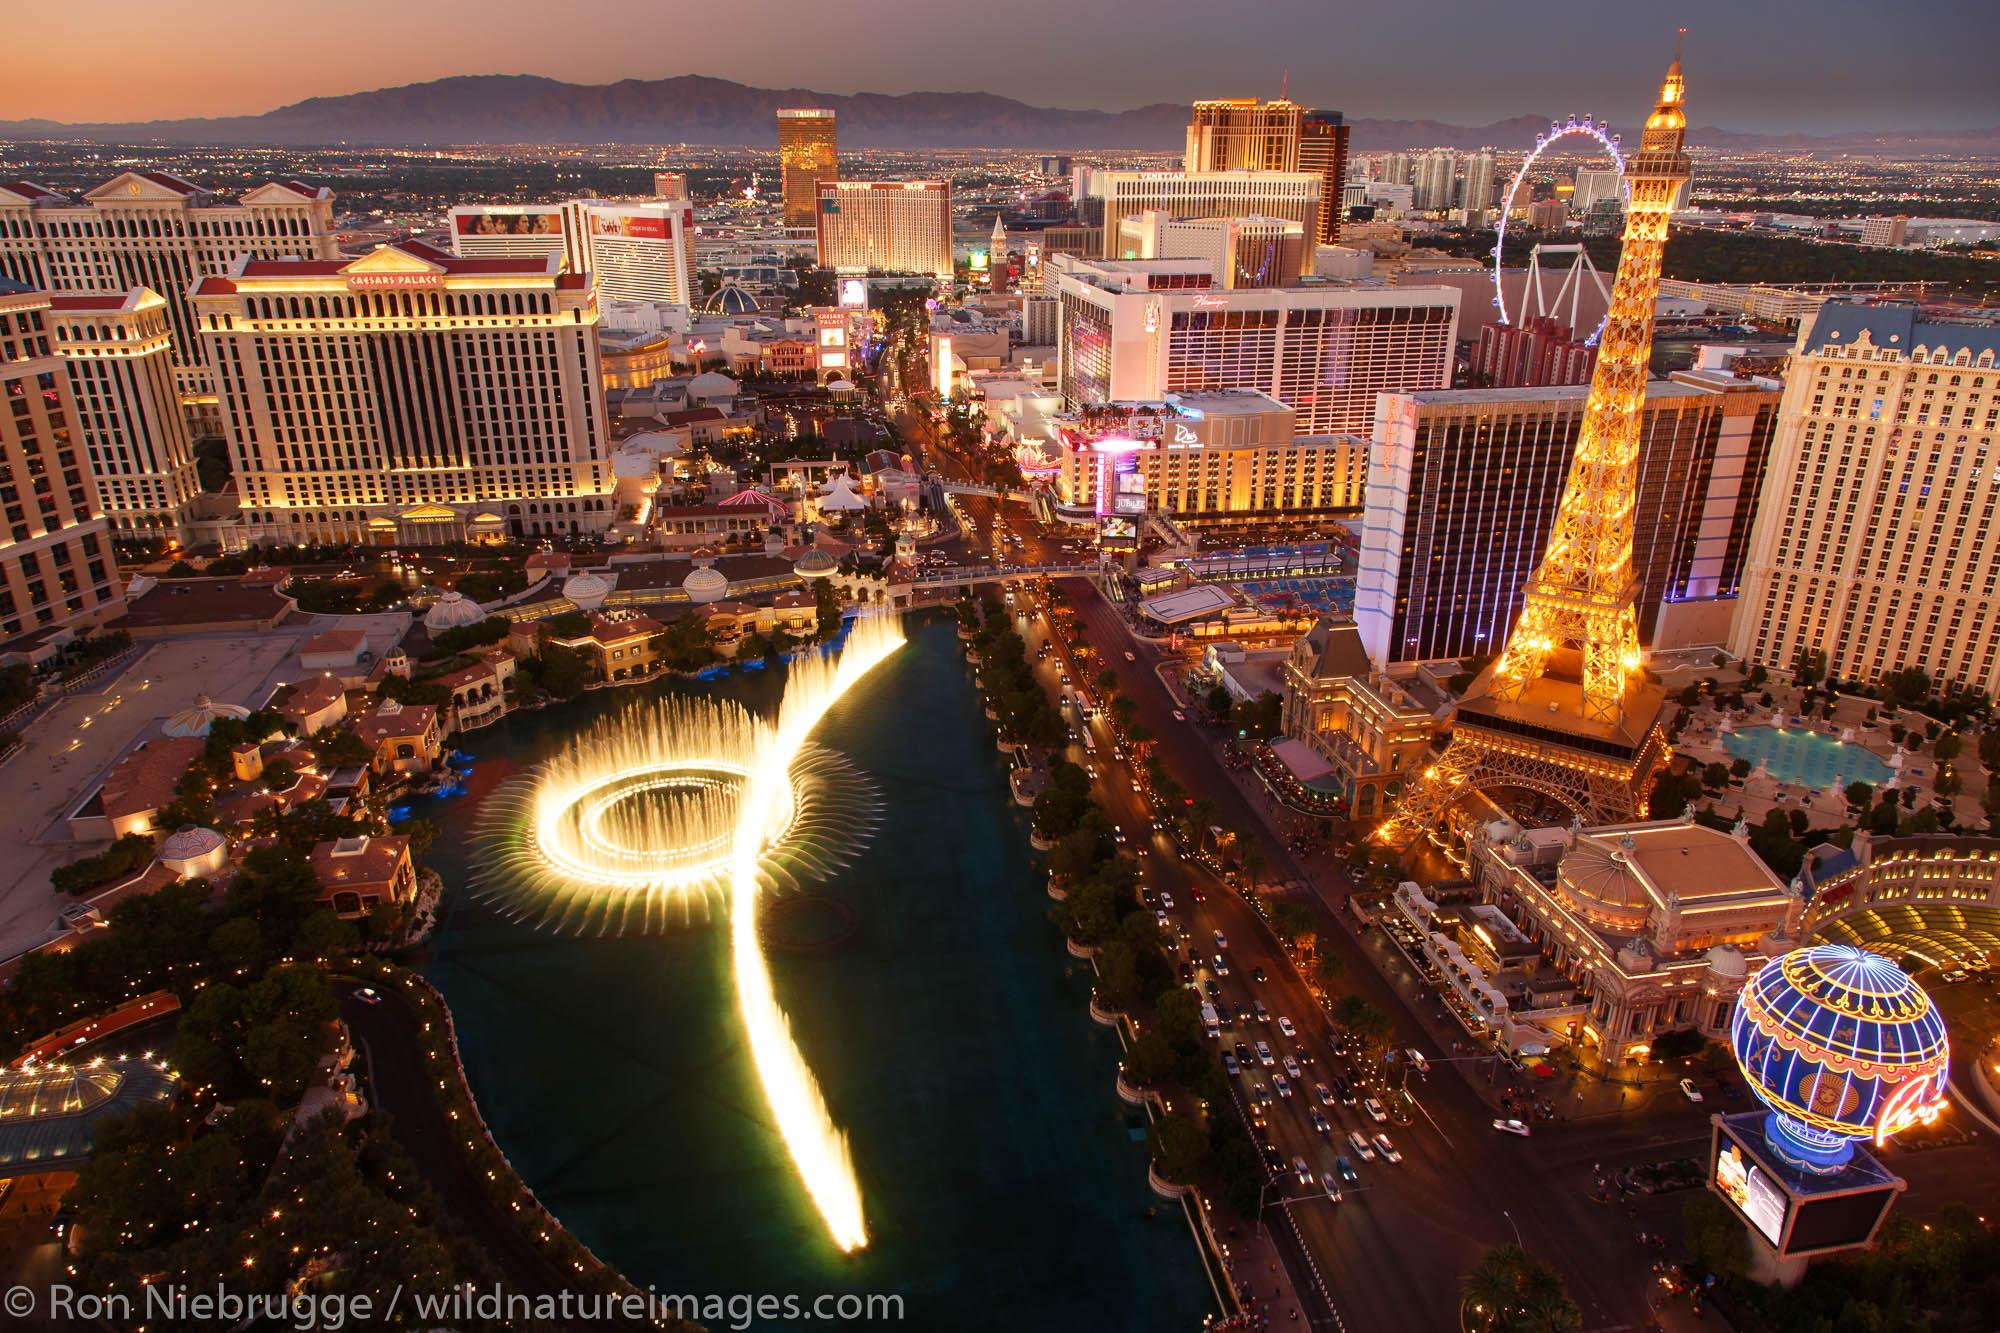 Bellagio Fountain Show and Las Vegas Strip at night, Las Vegas, Nevada.